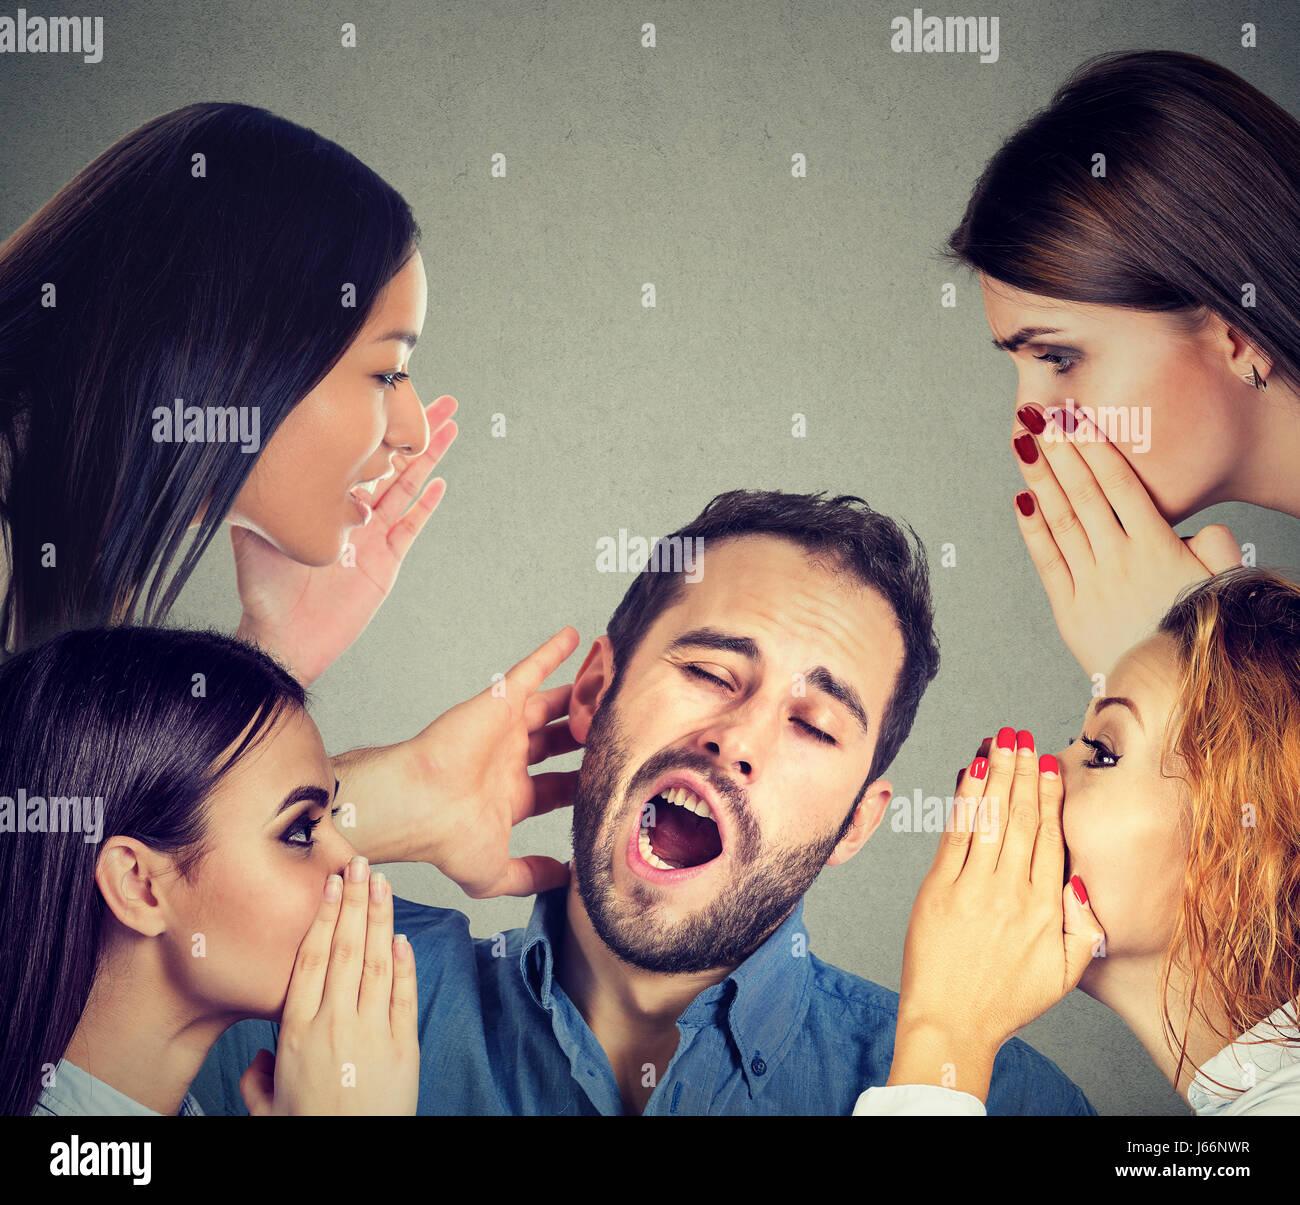 Quatre femmes whispering a secret les derniers potins à un homme endormi s'ennuie Photo Stock